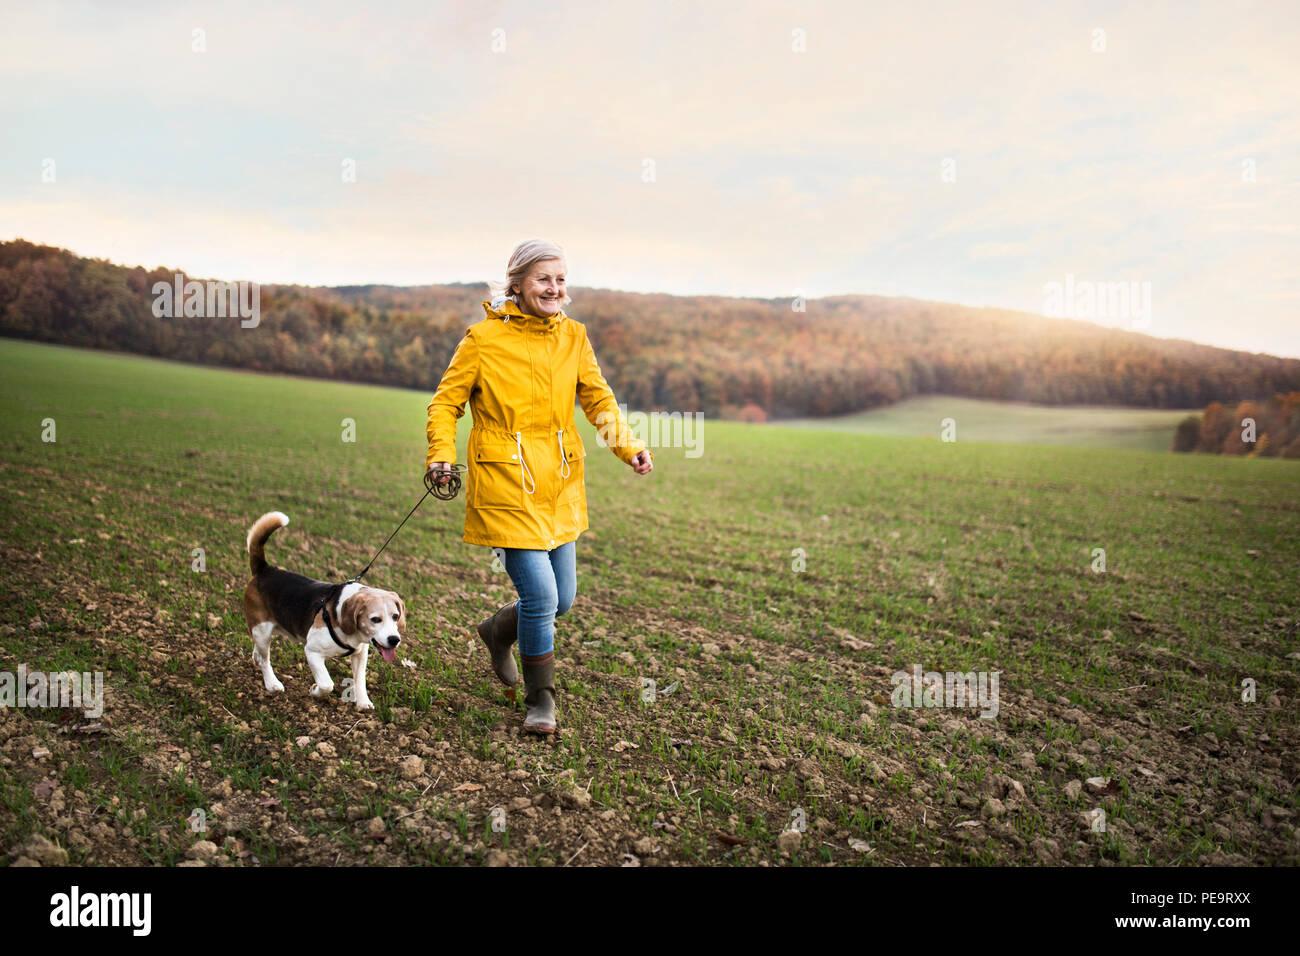 Senior woman with dog, lors d'une promenade dans une nature d'automne. Photo Stock